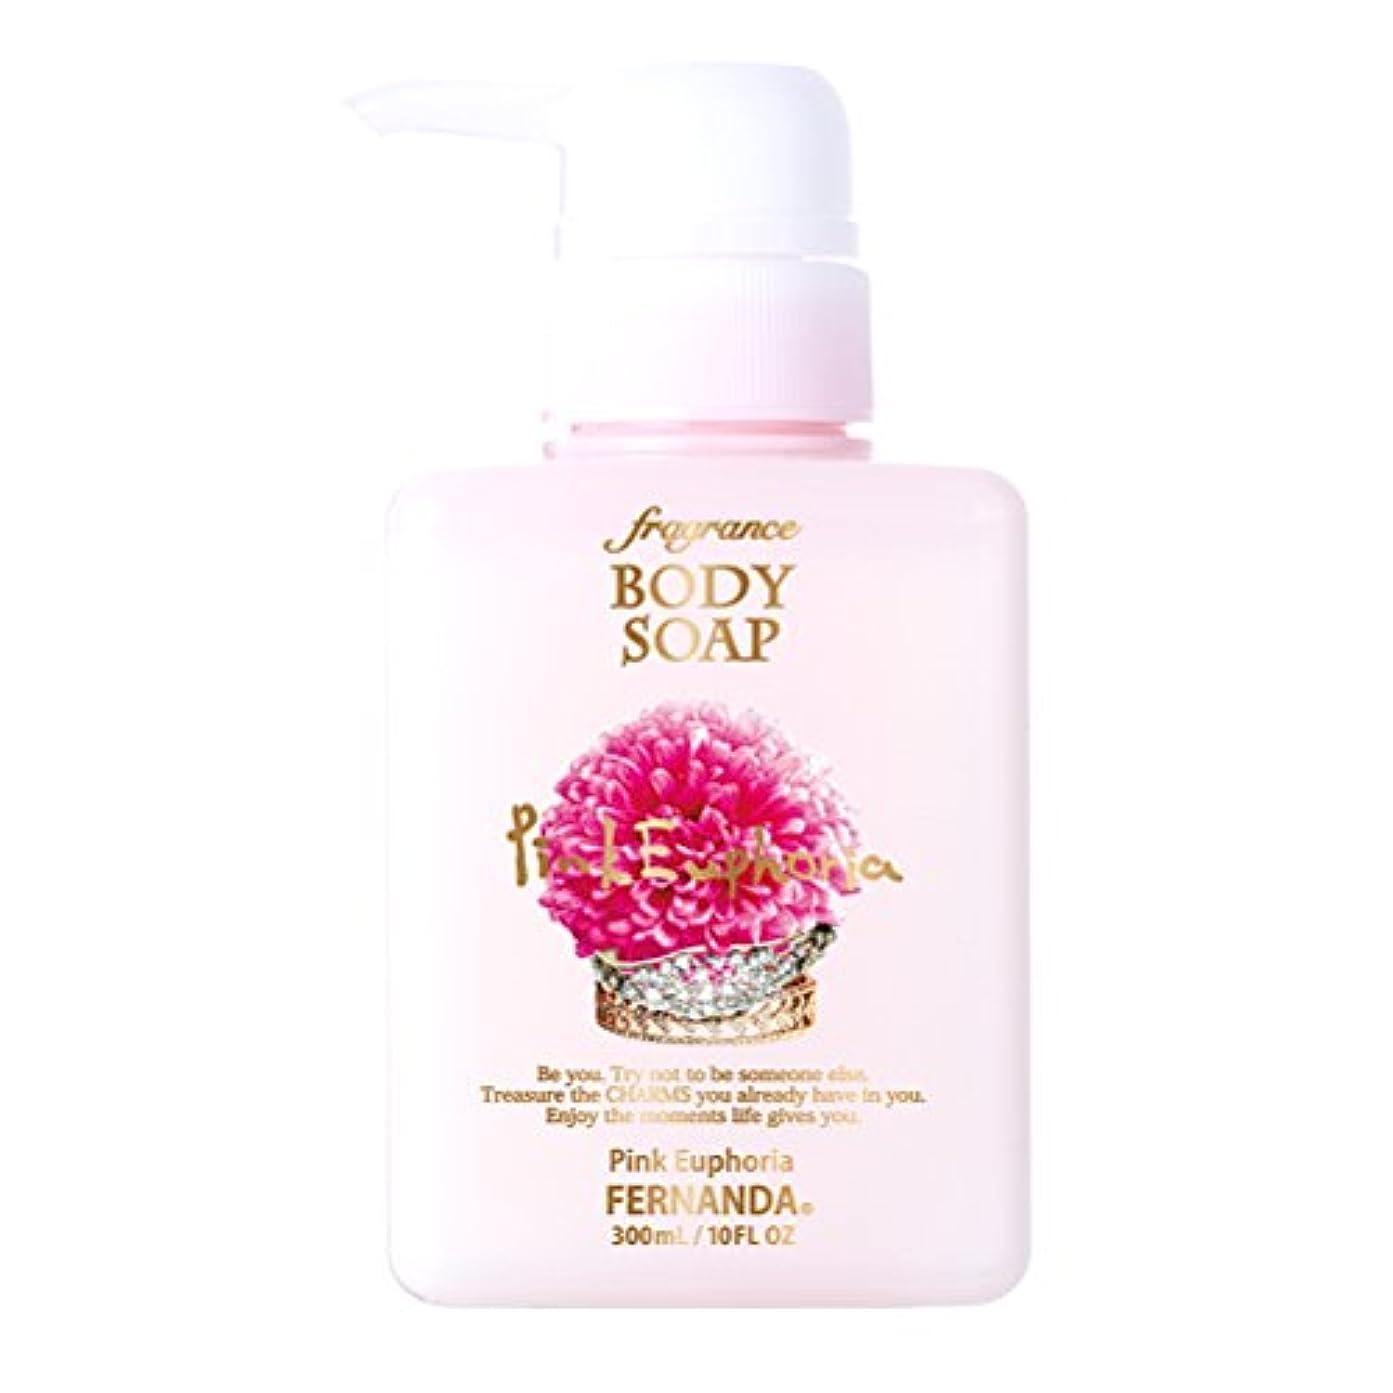 コーンウォール現代の密接にFERNANDA(フェルナンダ) Fragrance Body Soap Pink Euphoria (ボディソープ ピンクエウフォリア)